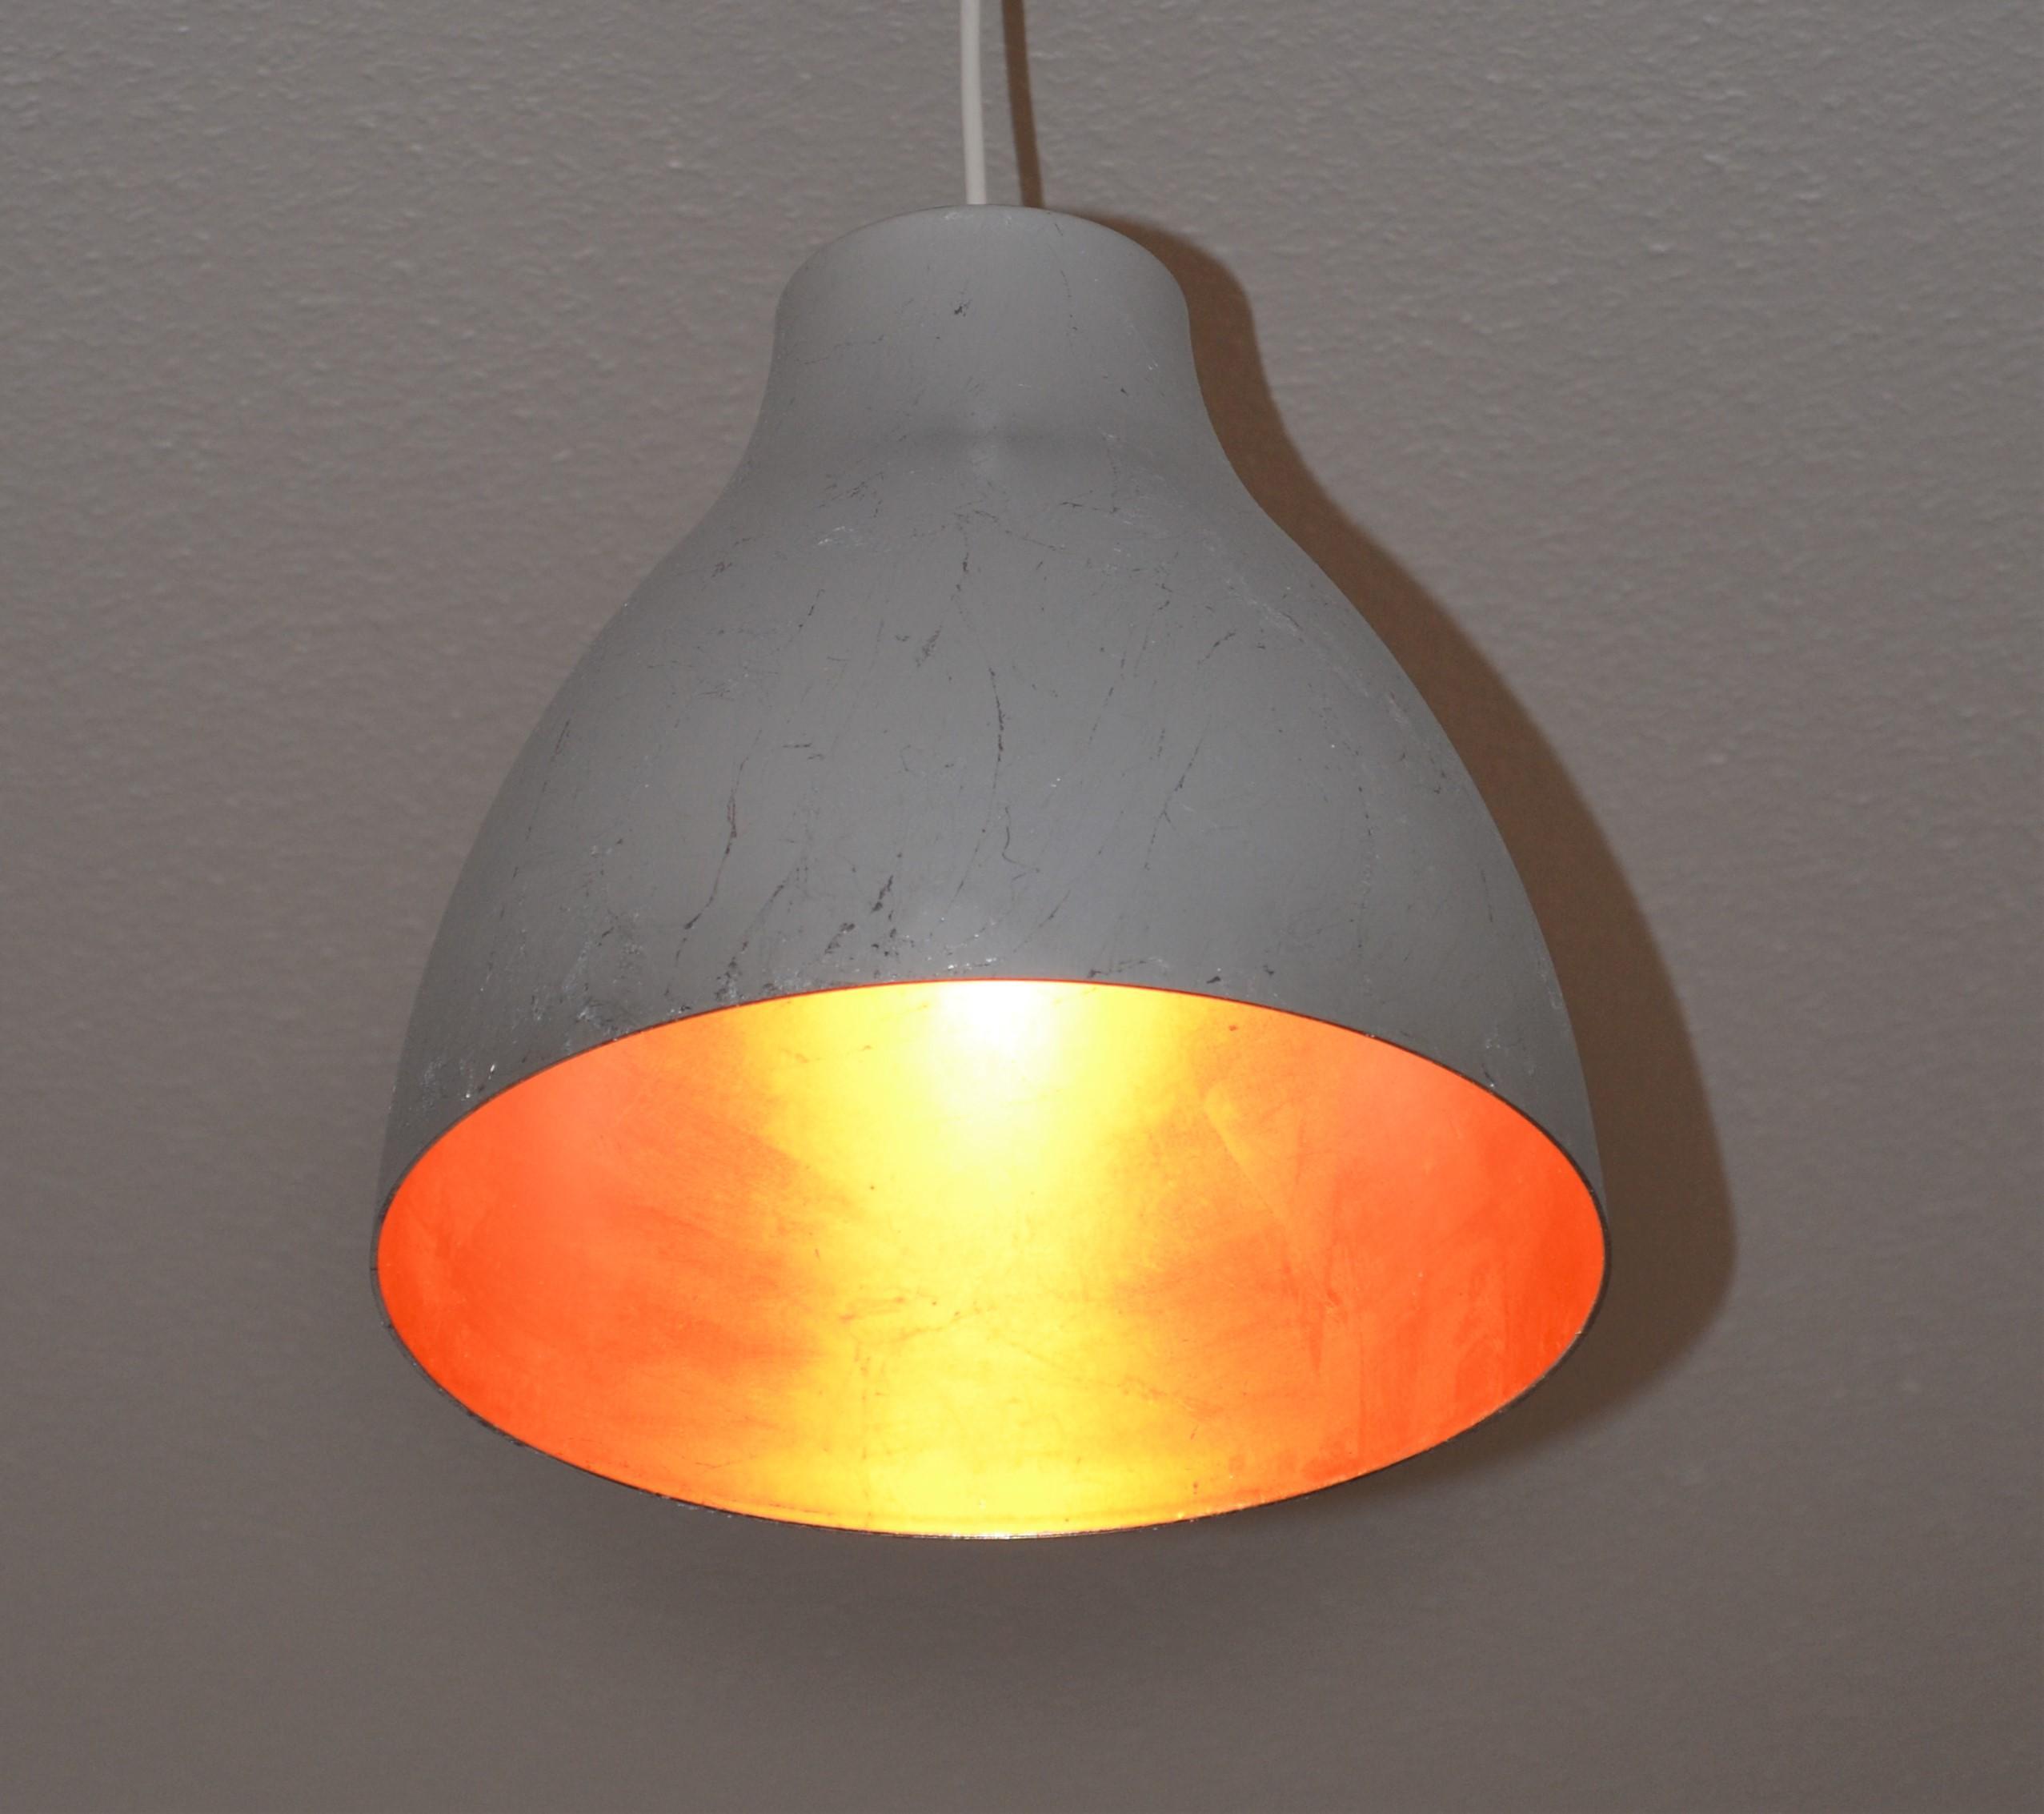 Hngelampe Klein Finest Perfect Deckenlampe Hngelampe In Altenberge